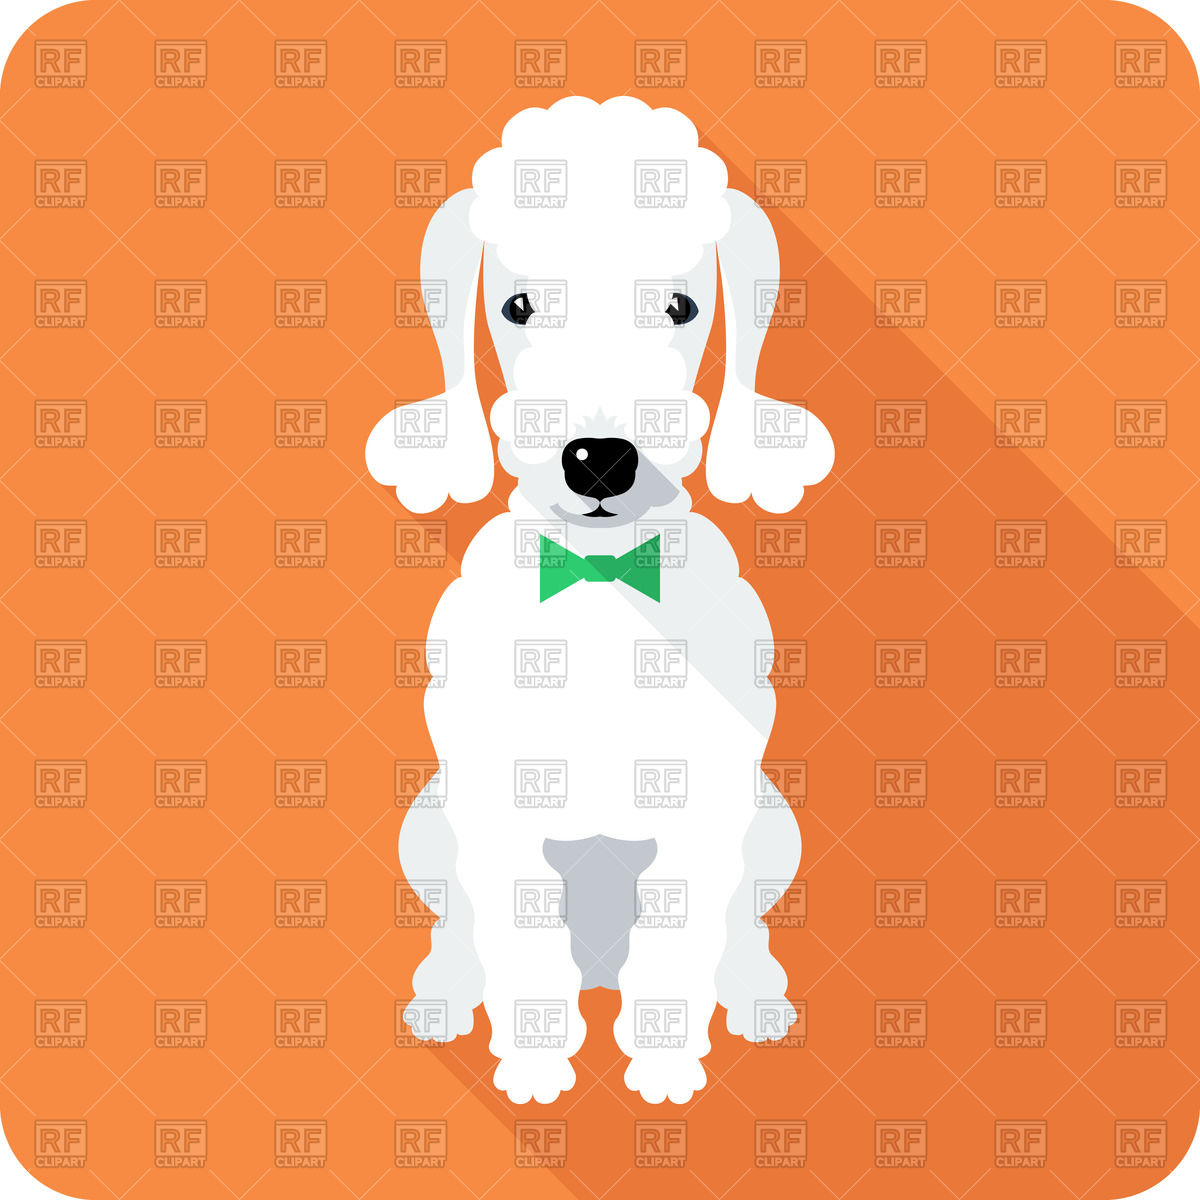 Flat design icon of sitting dog.